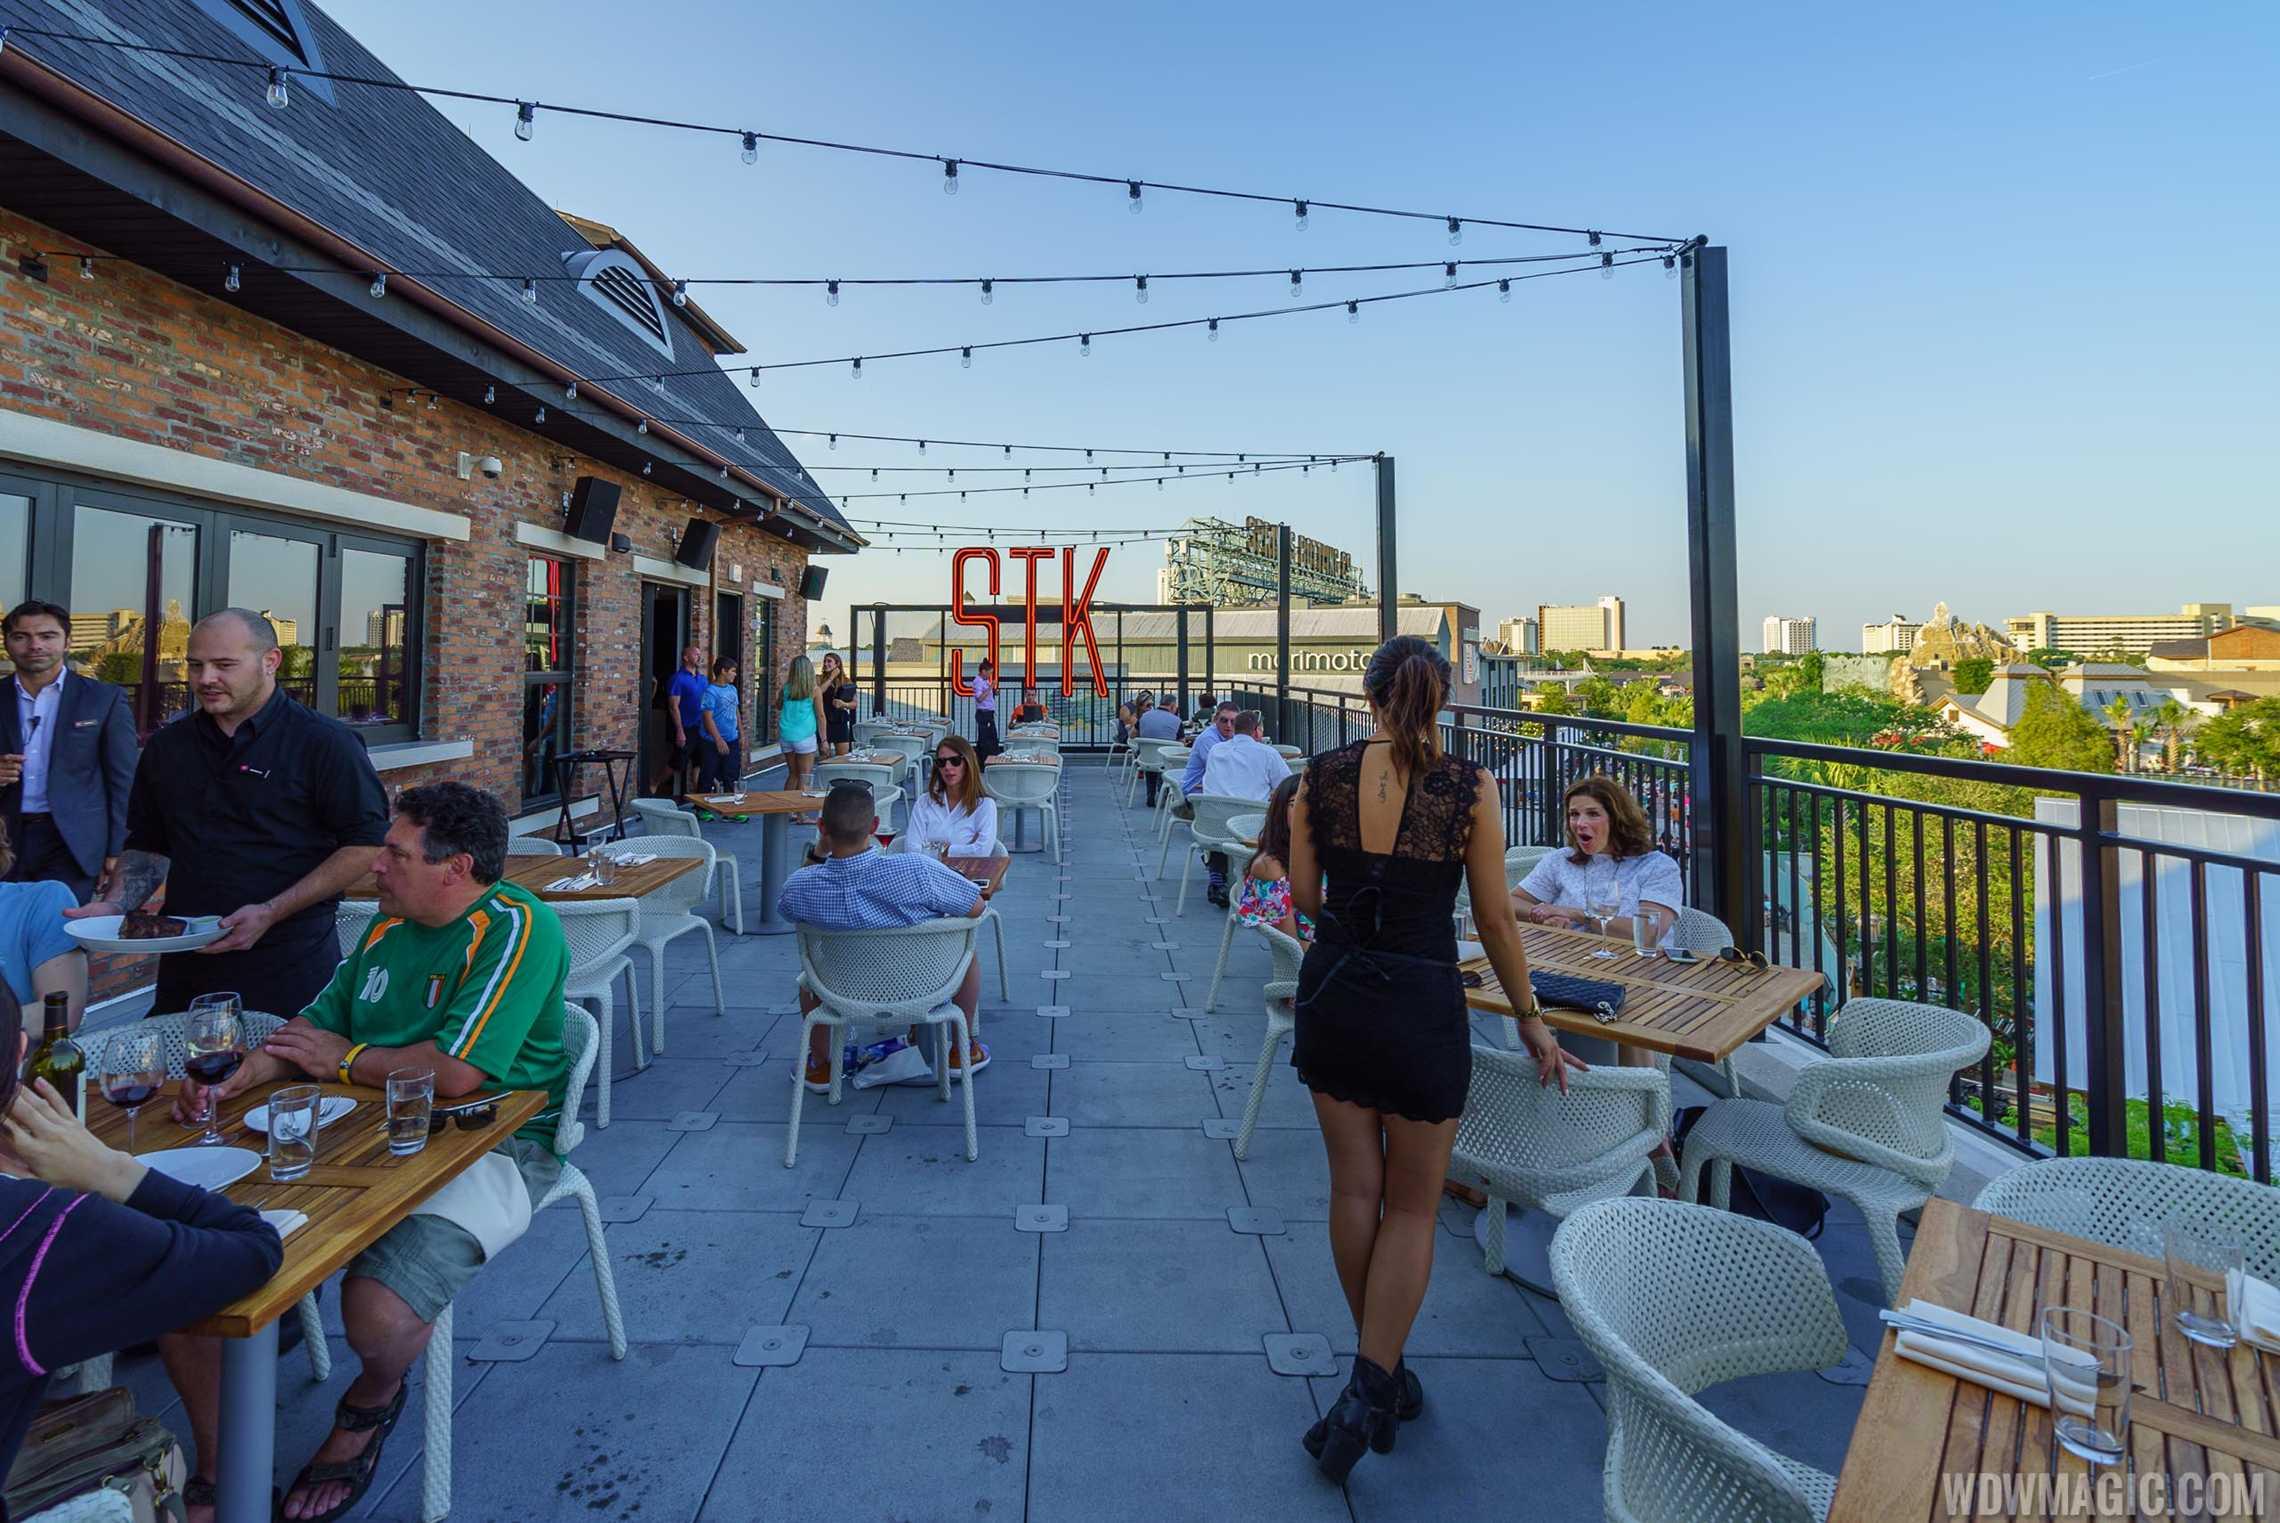 STK Orlando - Outdoor patio